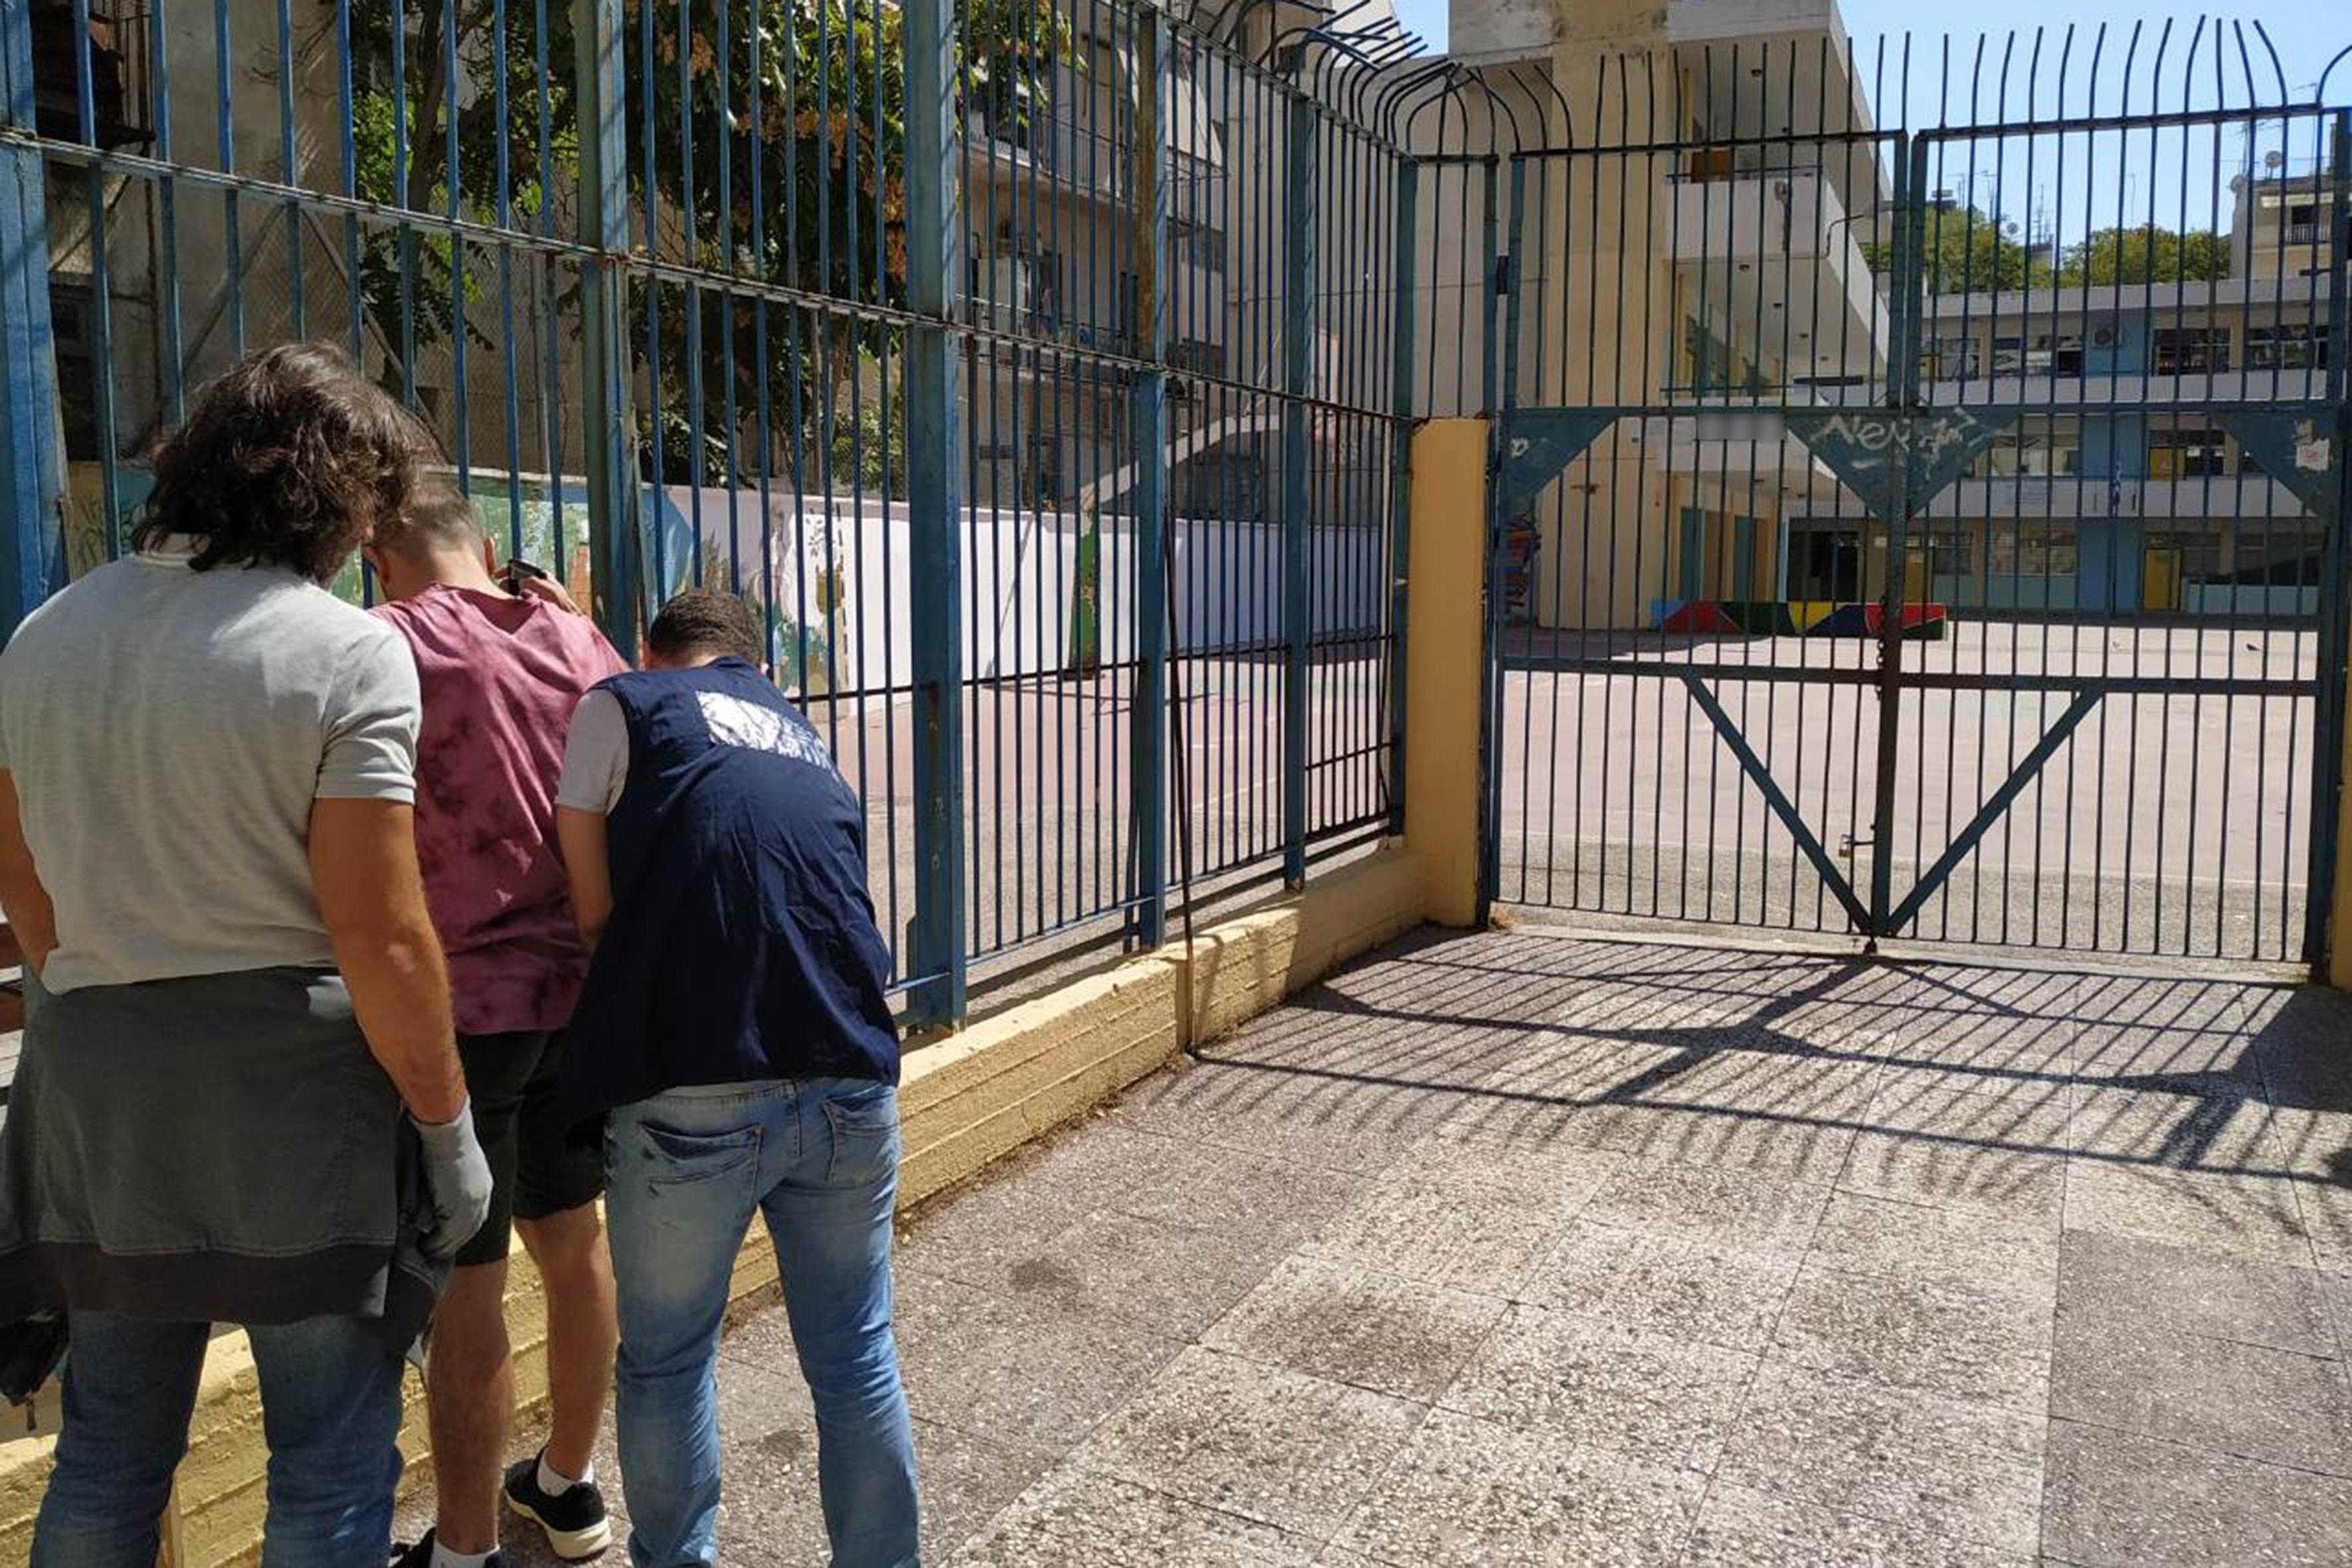 Έλεγχοι της ΕΛΑΣ έξω από σχολεία της Αθήνας για ναρκωτικά - Έγιναν 24 προσαγωγές! [pics]